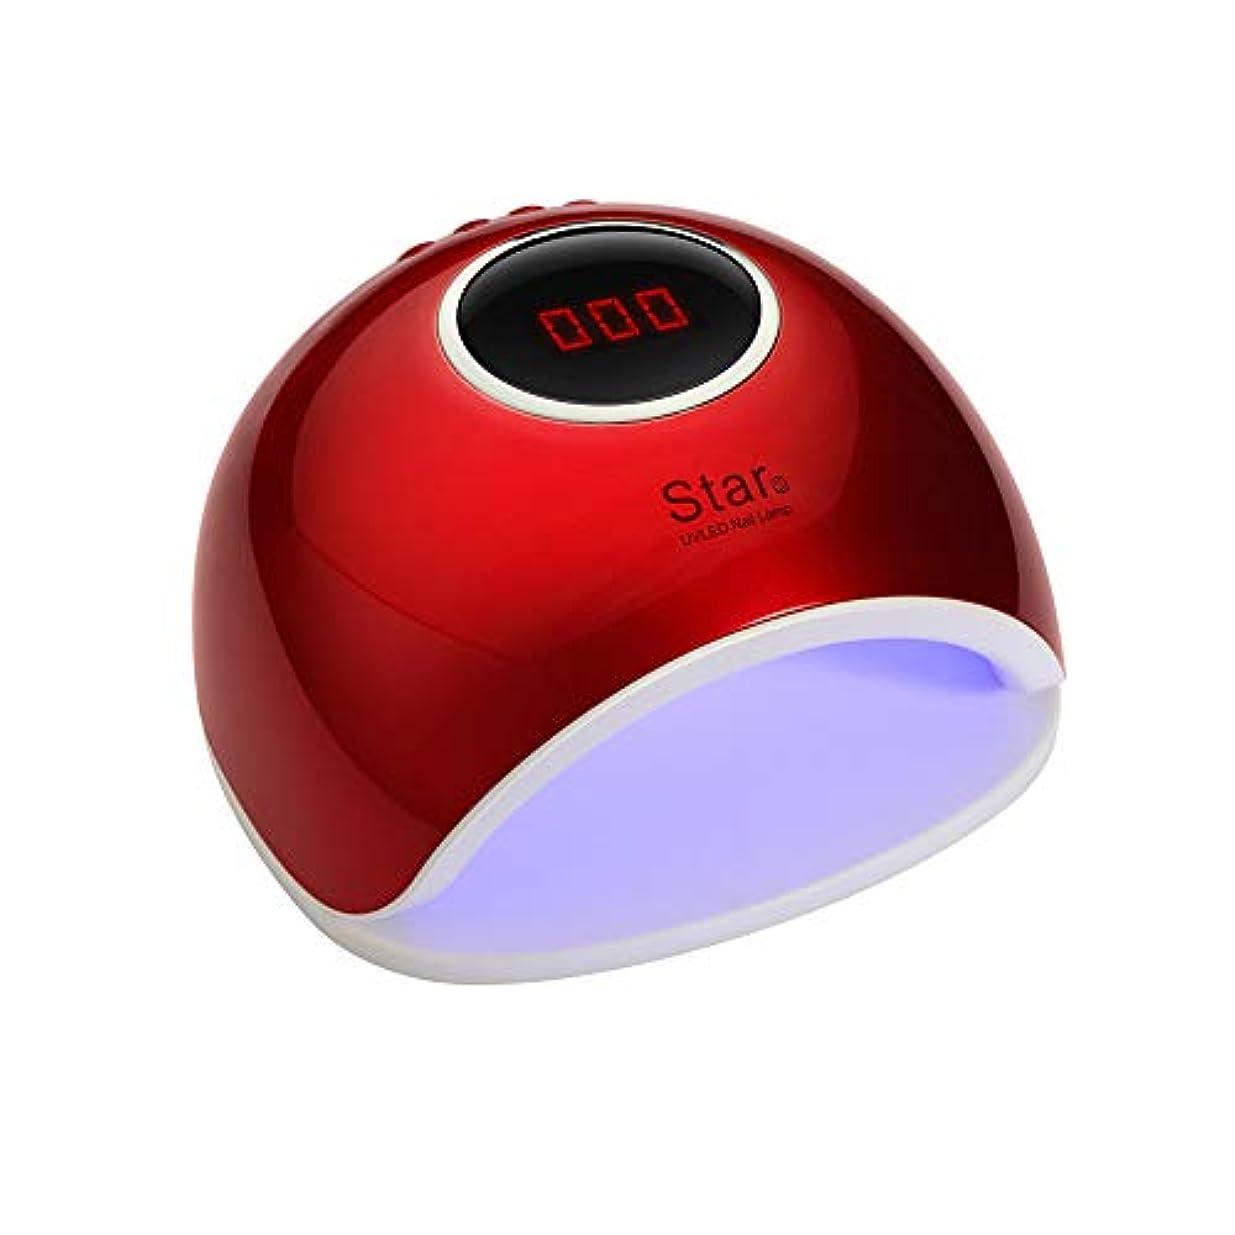 マイルド私達違法家の修理初心者ネイルスマート光療法機72ワットスマート誘導無痛マニキュアドライヤーネイルポリッシュグルーライト速乾性ネイルランプ